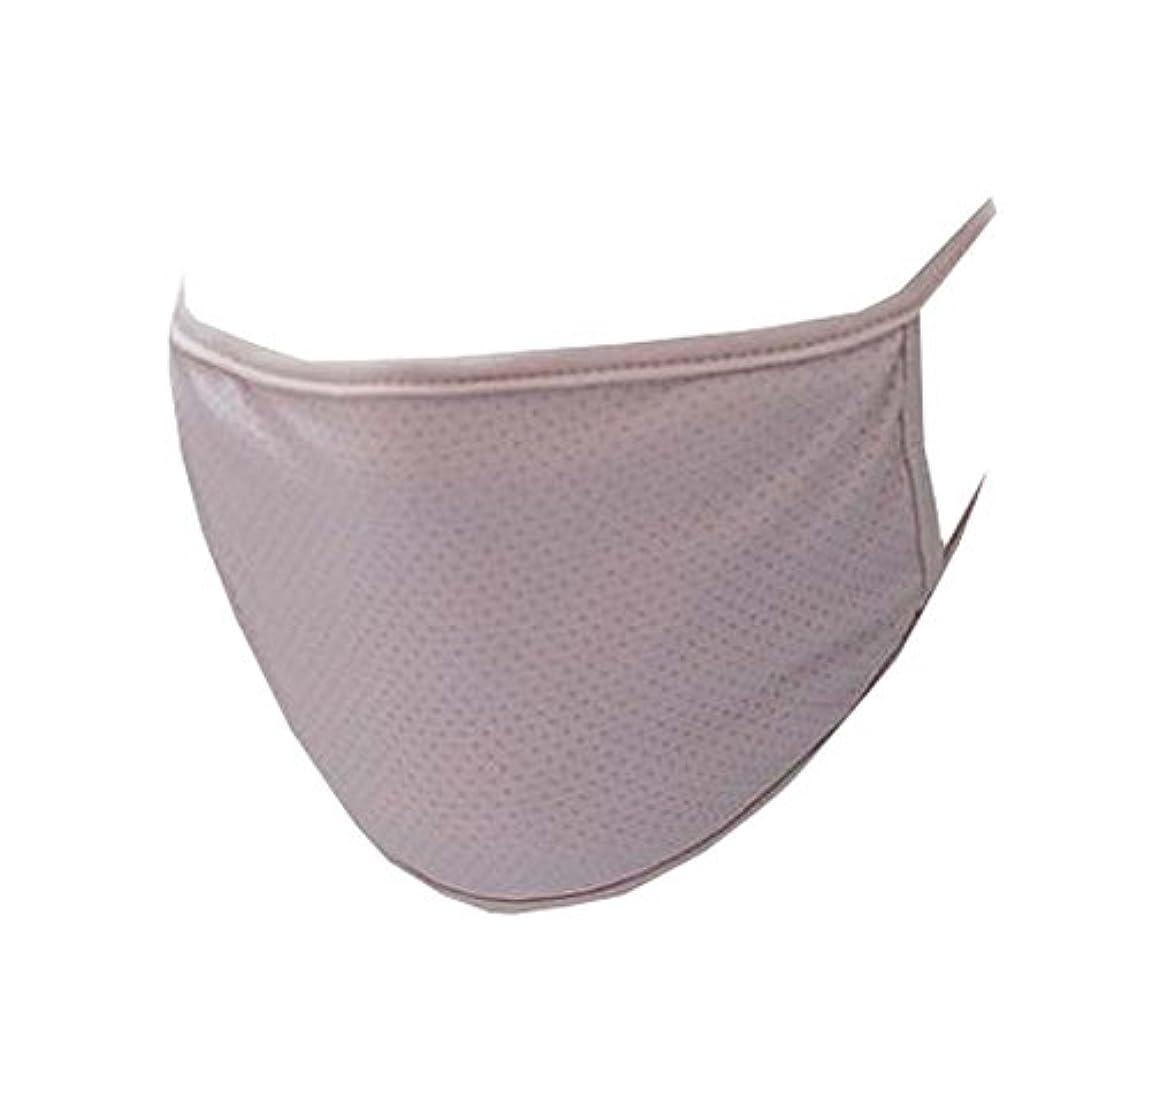 牧草地旅行アパル口マスク、再使用可能フィルター - 埃、花粉、アレルゲン、抗UV、およびインフルエンザ菌 - F